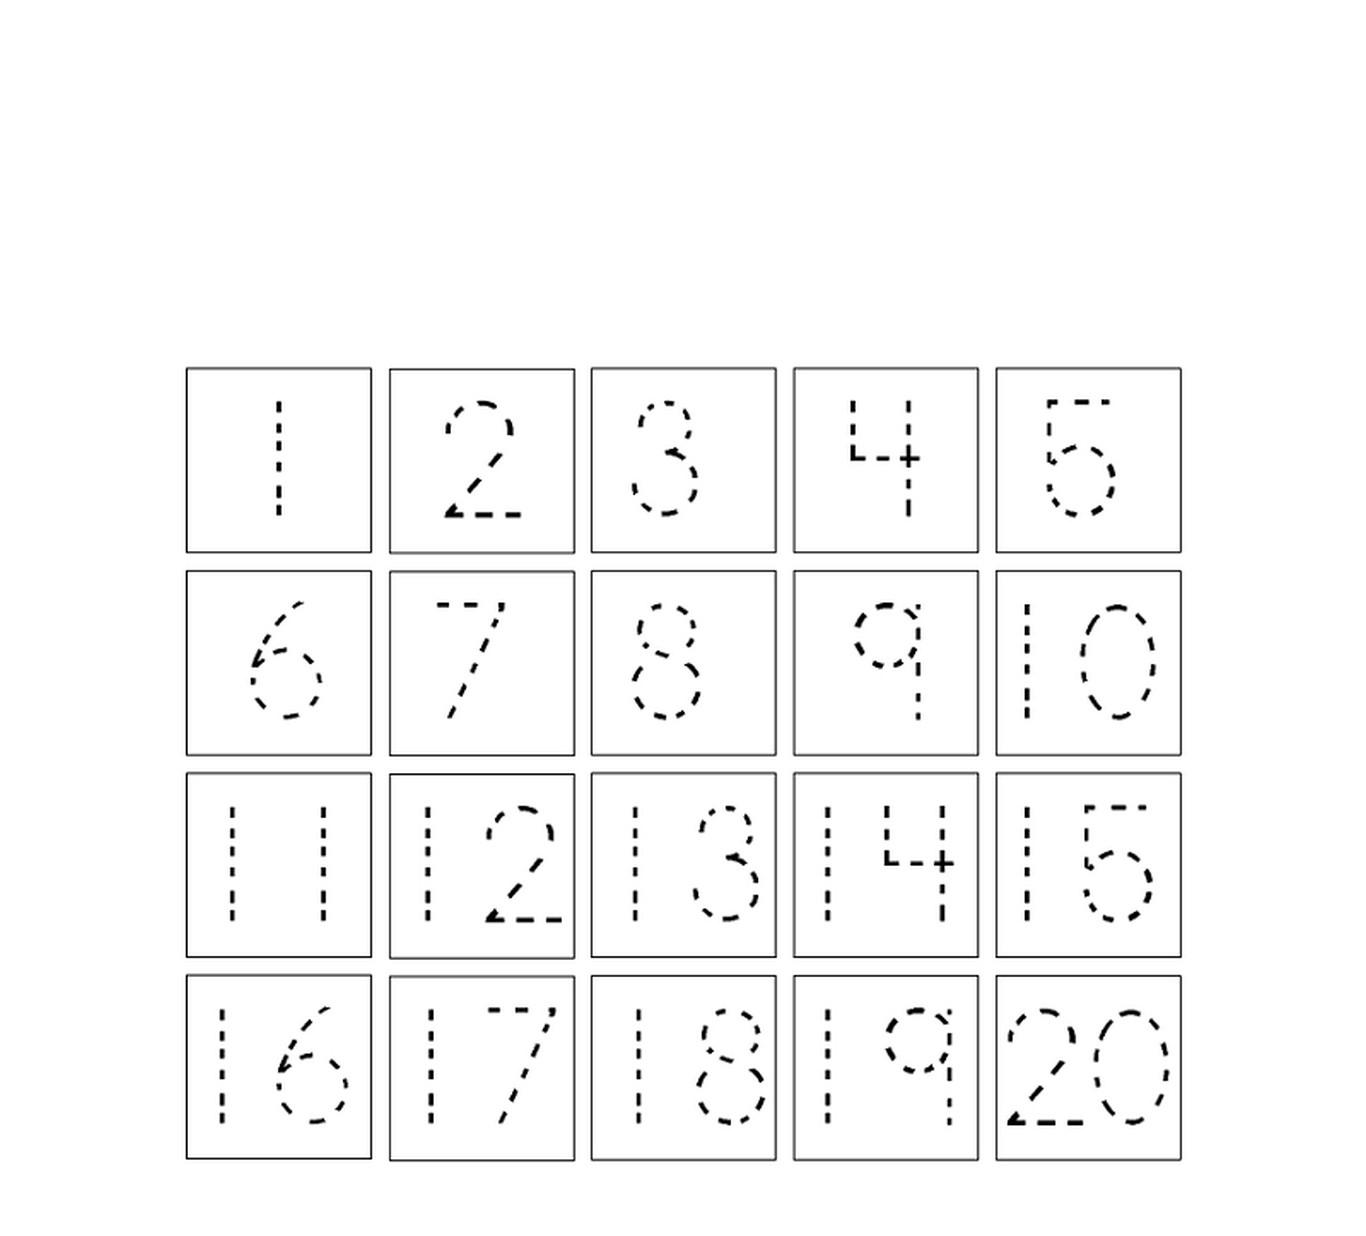 Princess Traceable Numbers 1 10 Worksheet   Printable